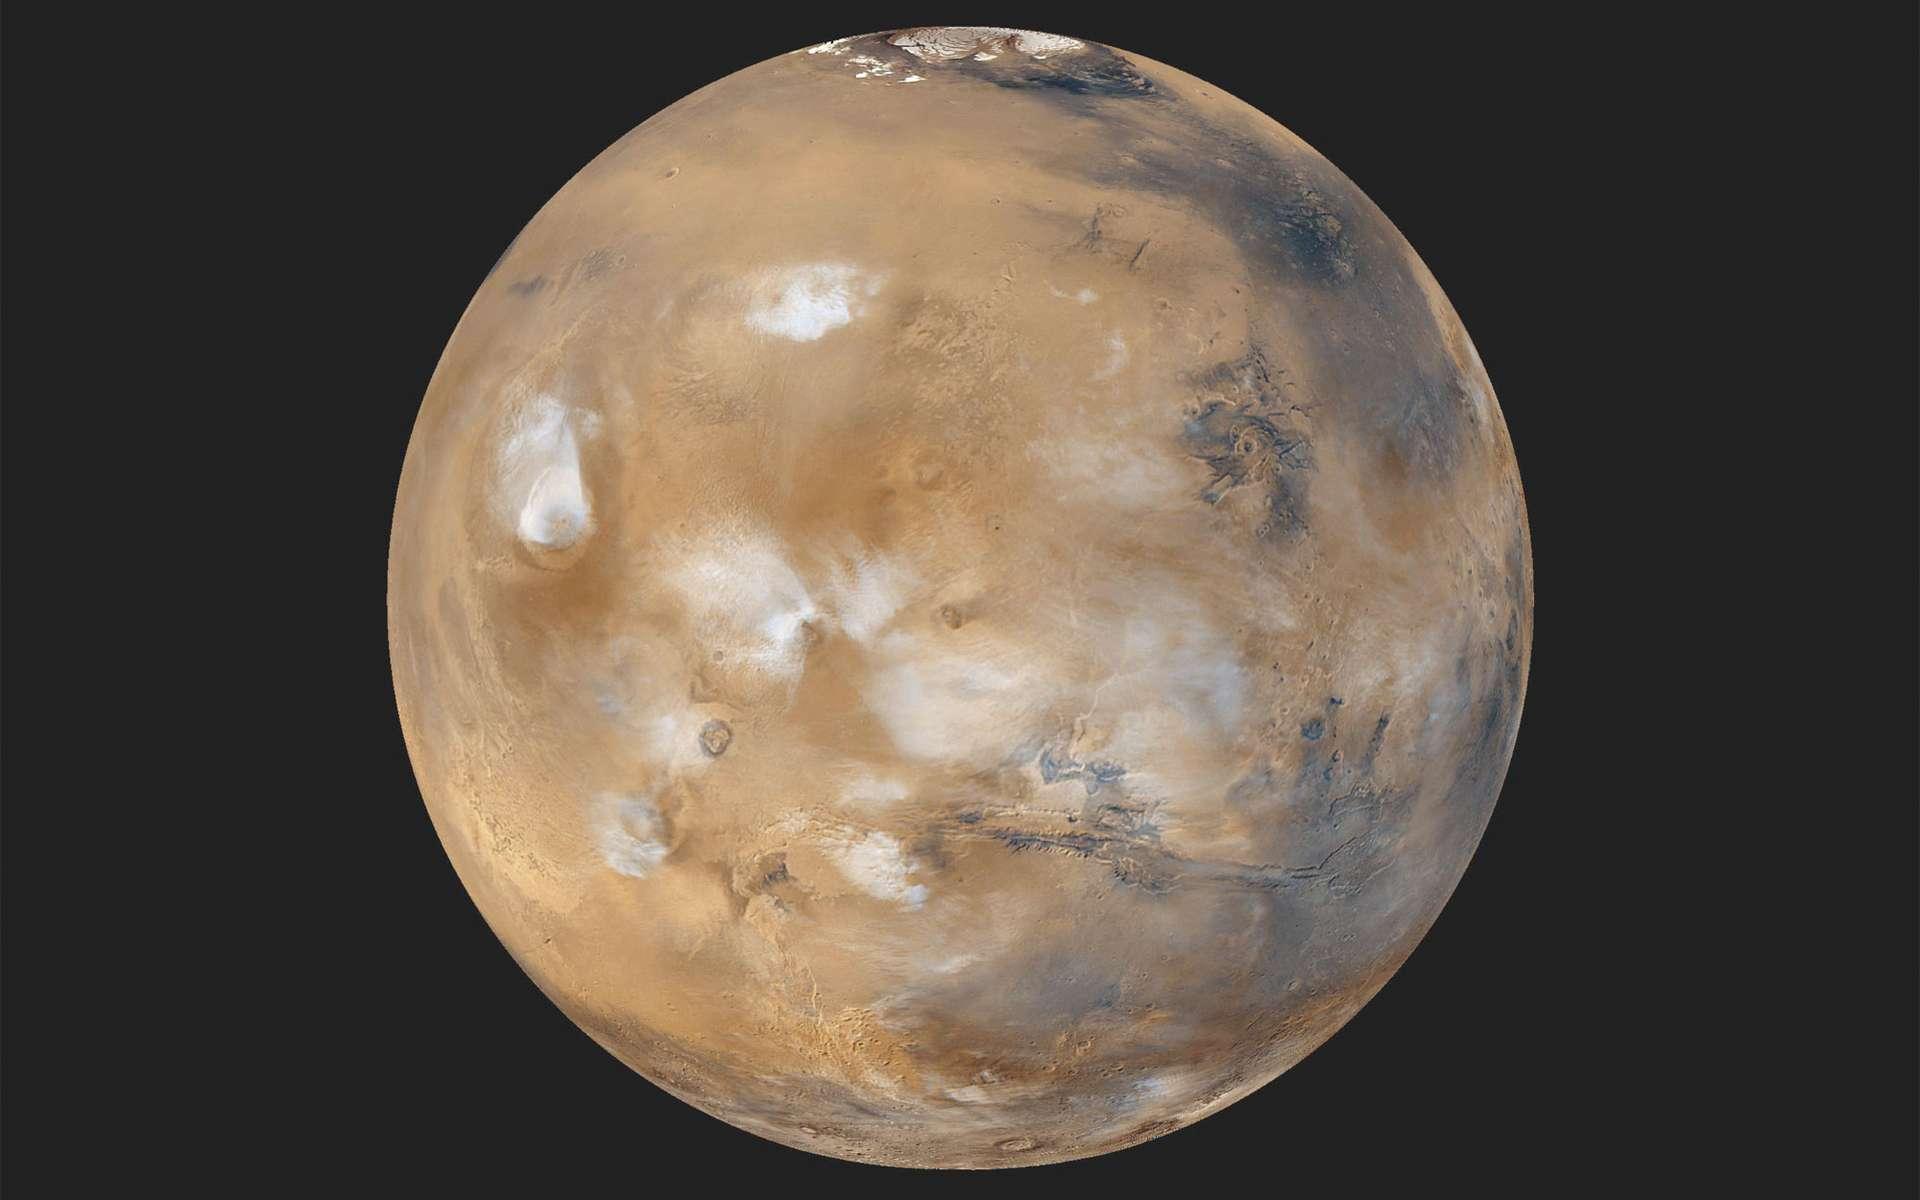 L'exploration robotique de Mars va de pair avec un système de communication suffisamment dimensionné. Dans le contexte actuel, il montre des signes d'essoufflement. © Nasa, JPL-Caltech, MSSS